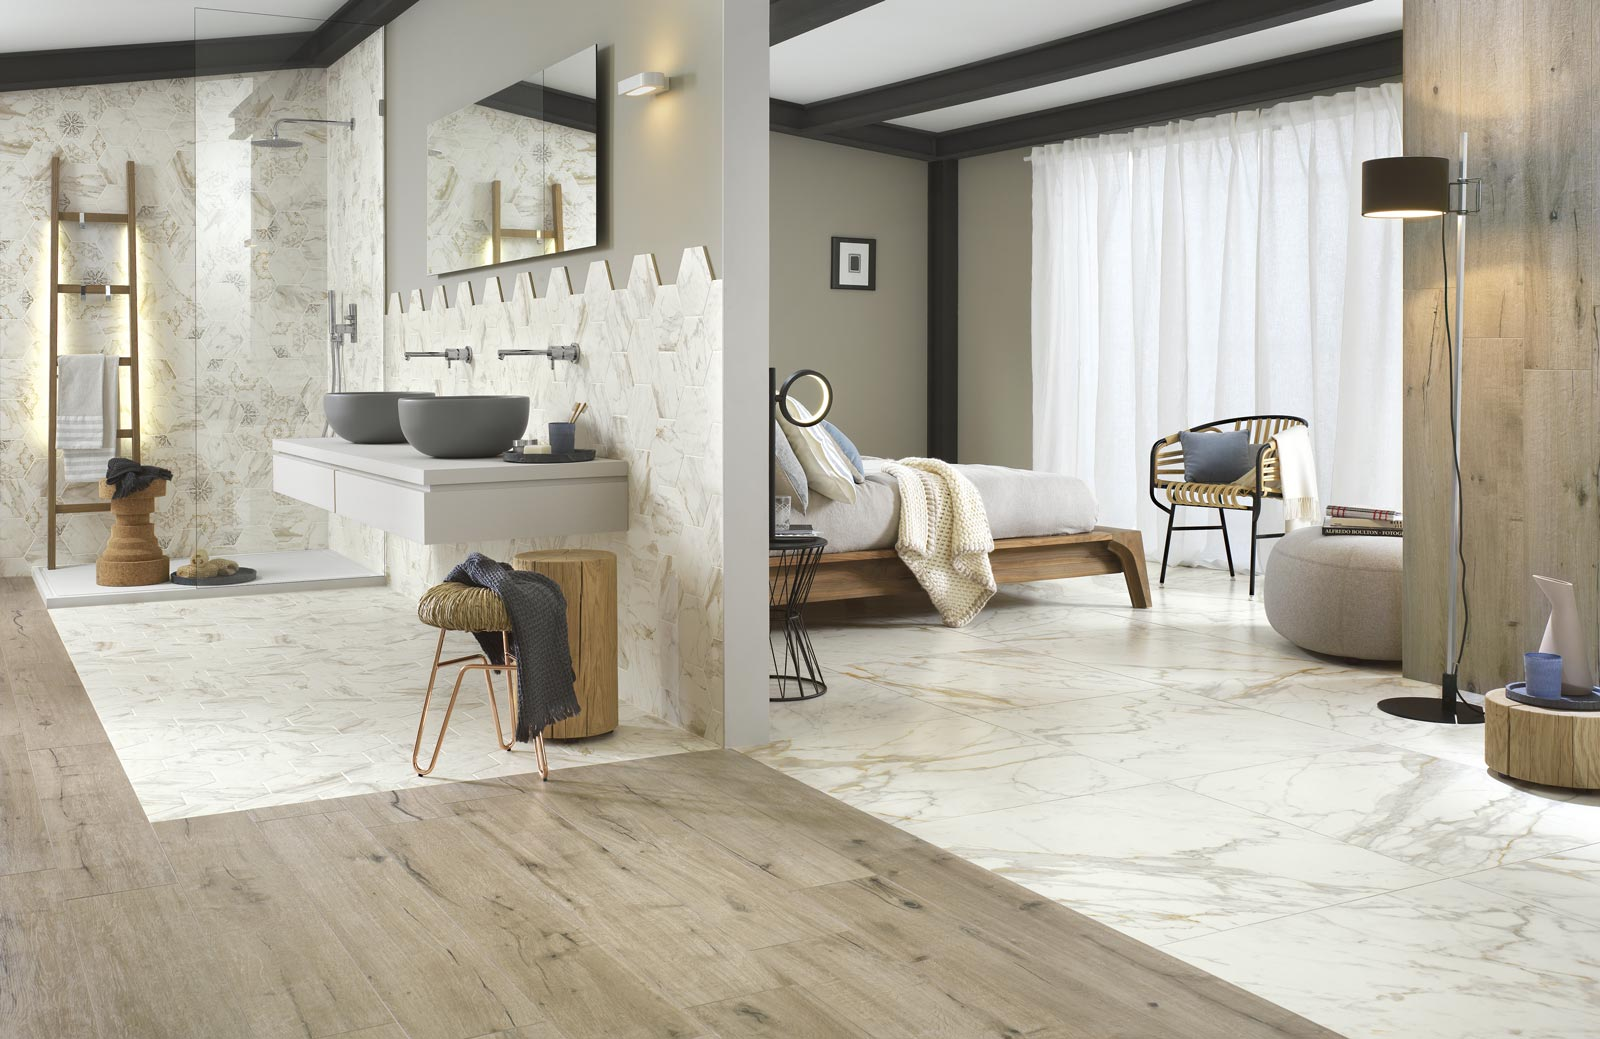 ragno carrelage carrelage rewind polvere natret with ragno carrelage carrelage duextrieur de. Black Bedroom Furniture Sets. Home Design Ideas